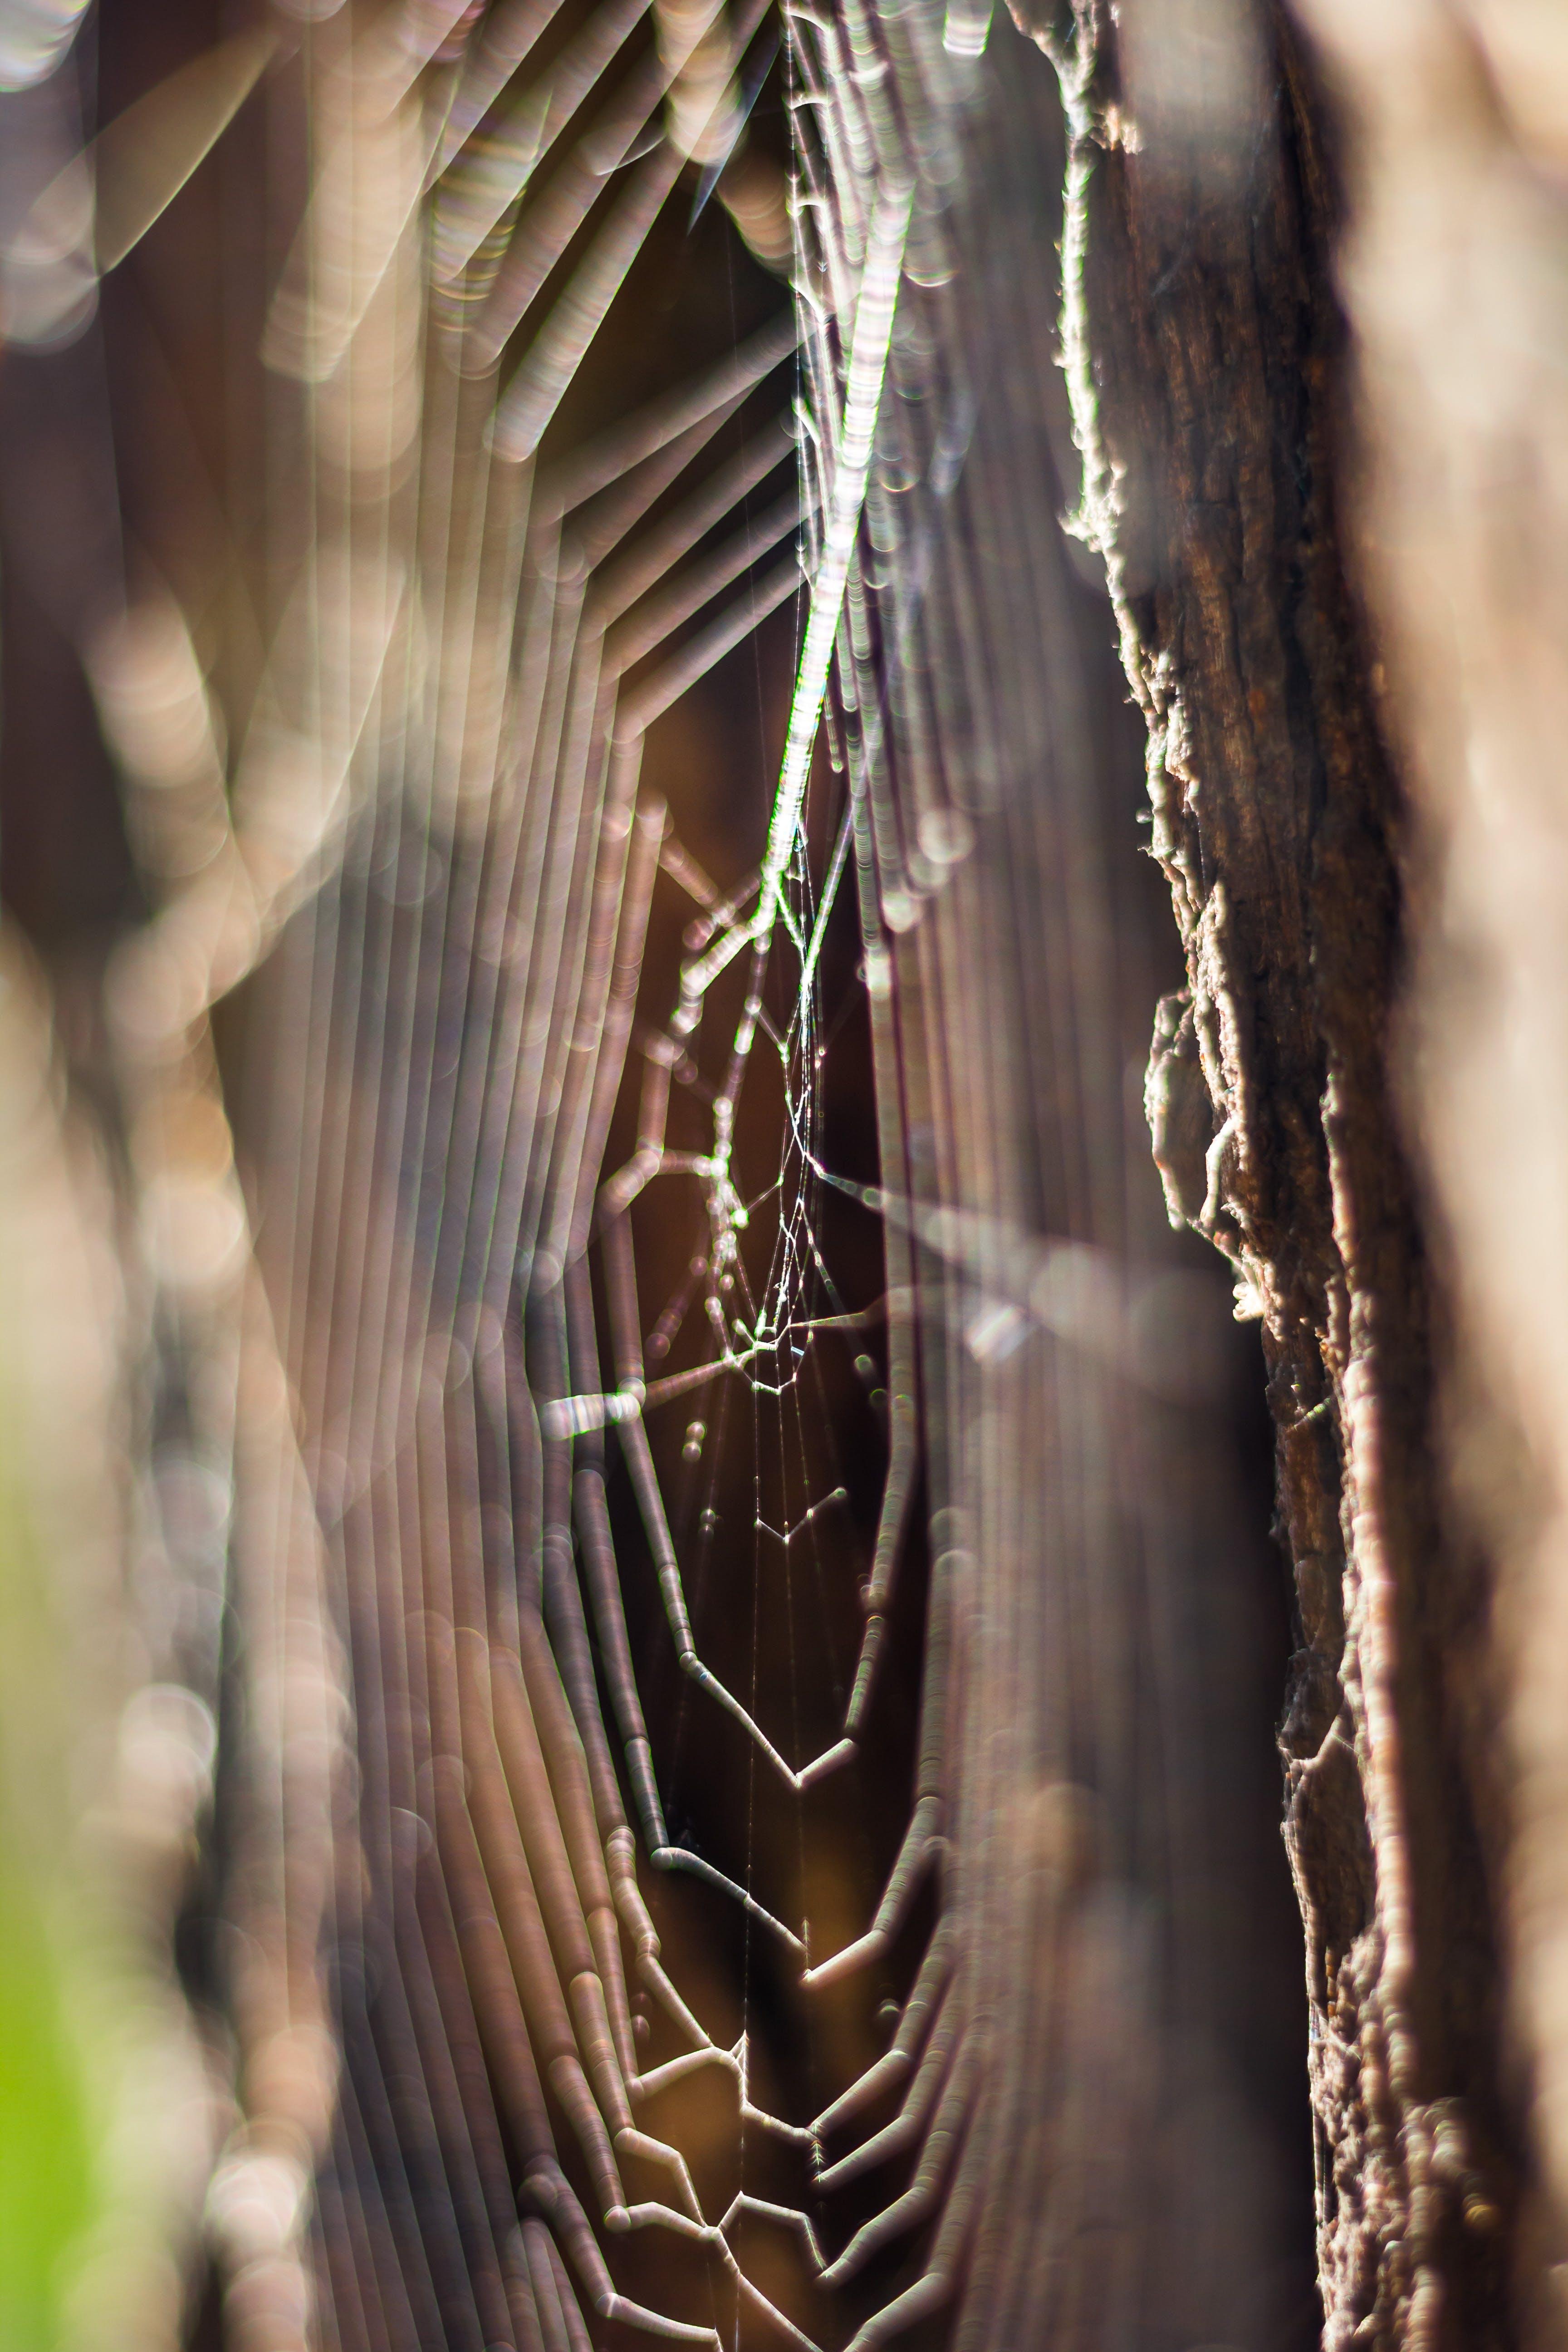 spider, spider web, spider's web